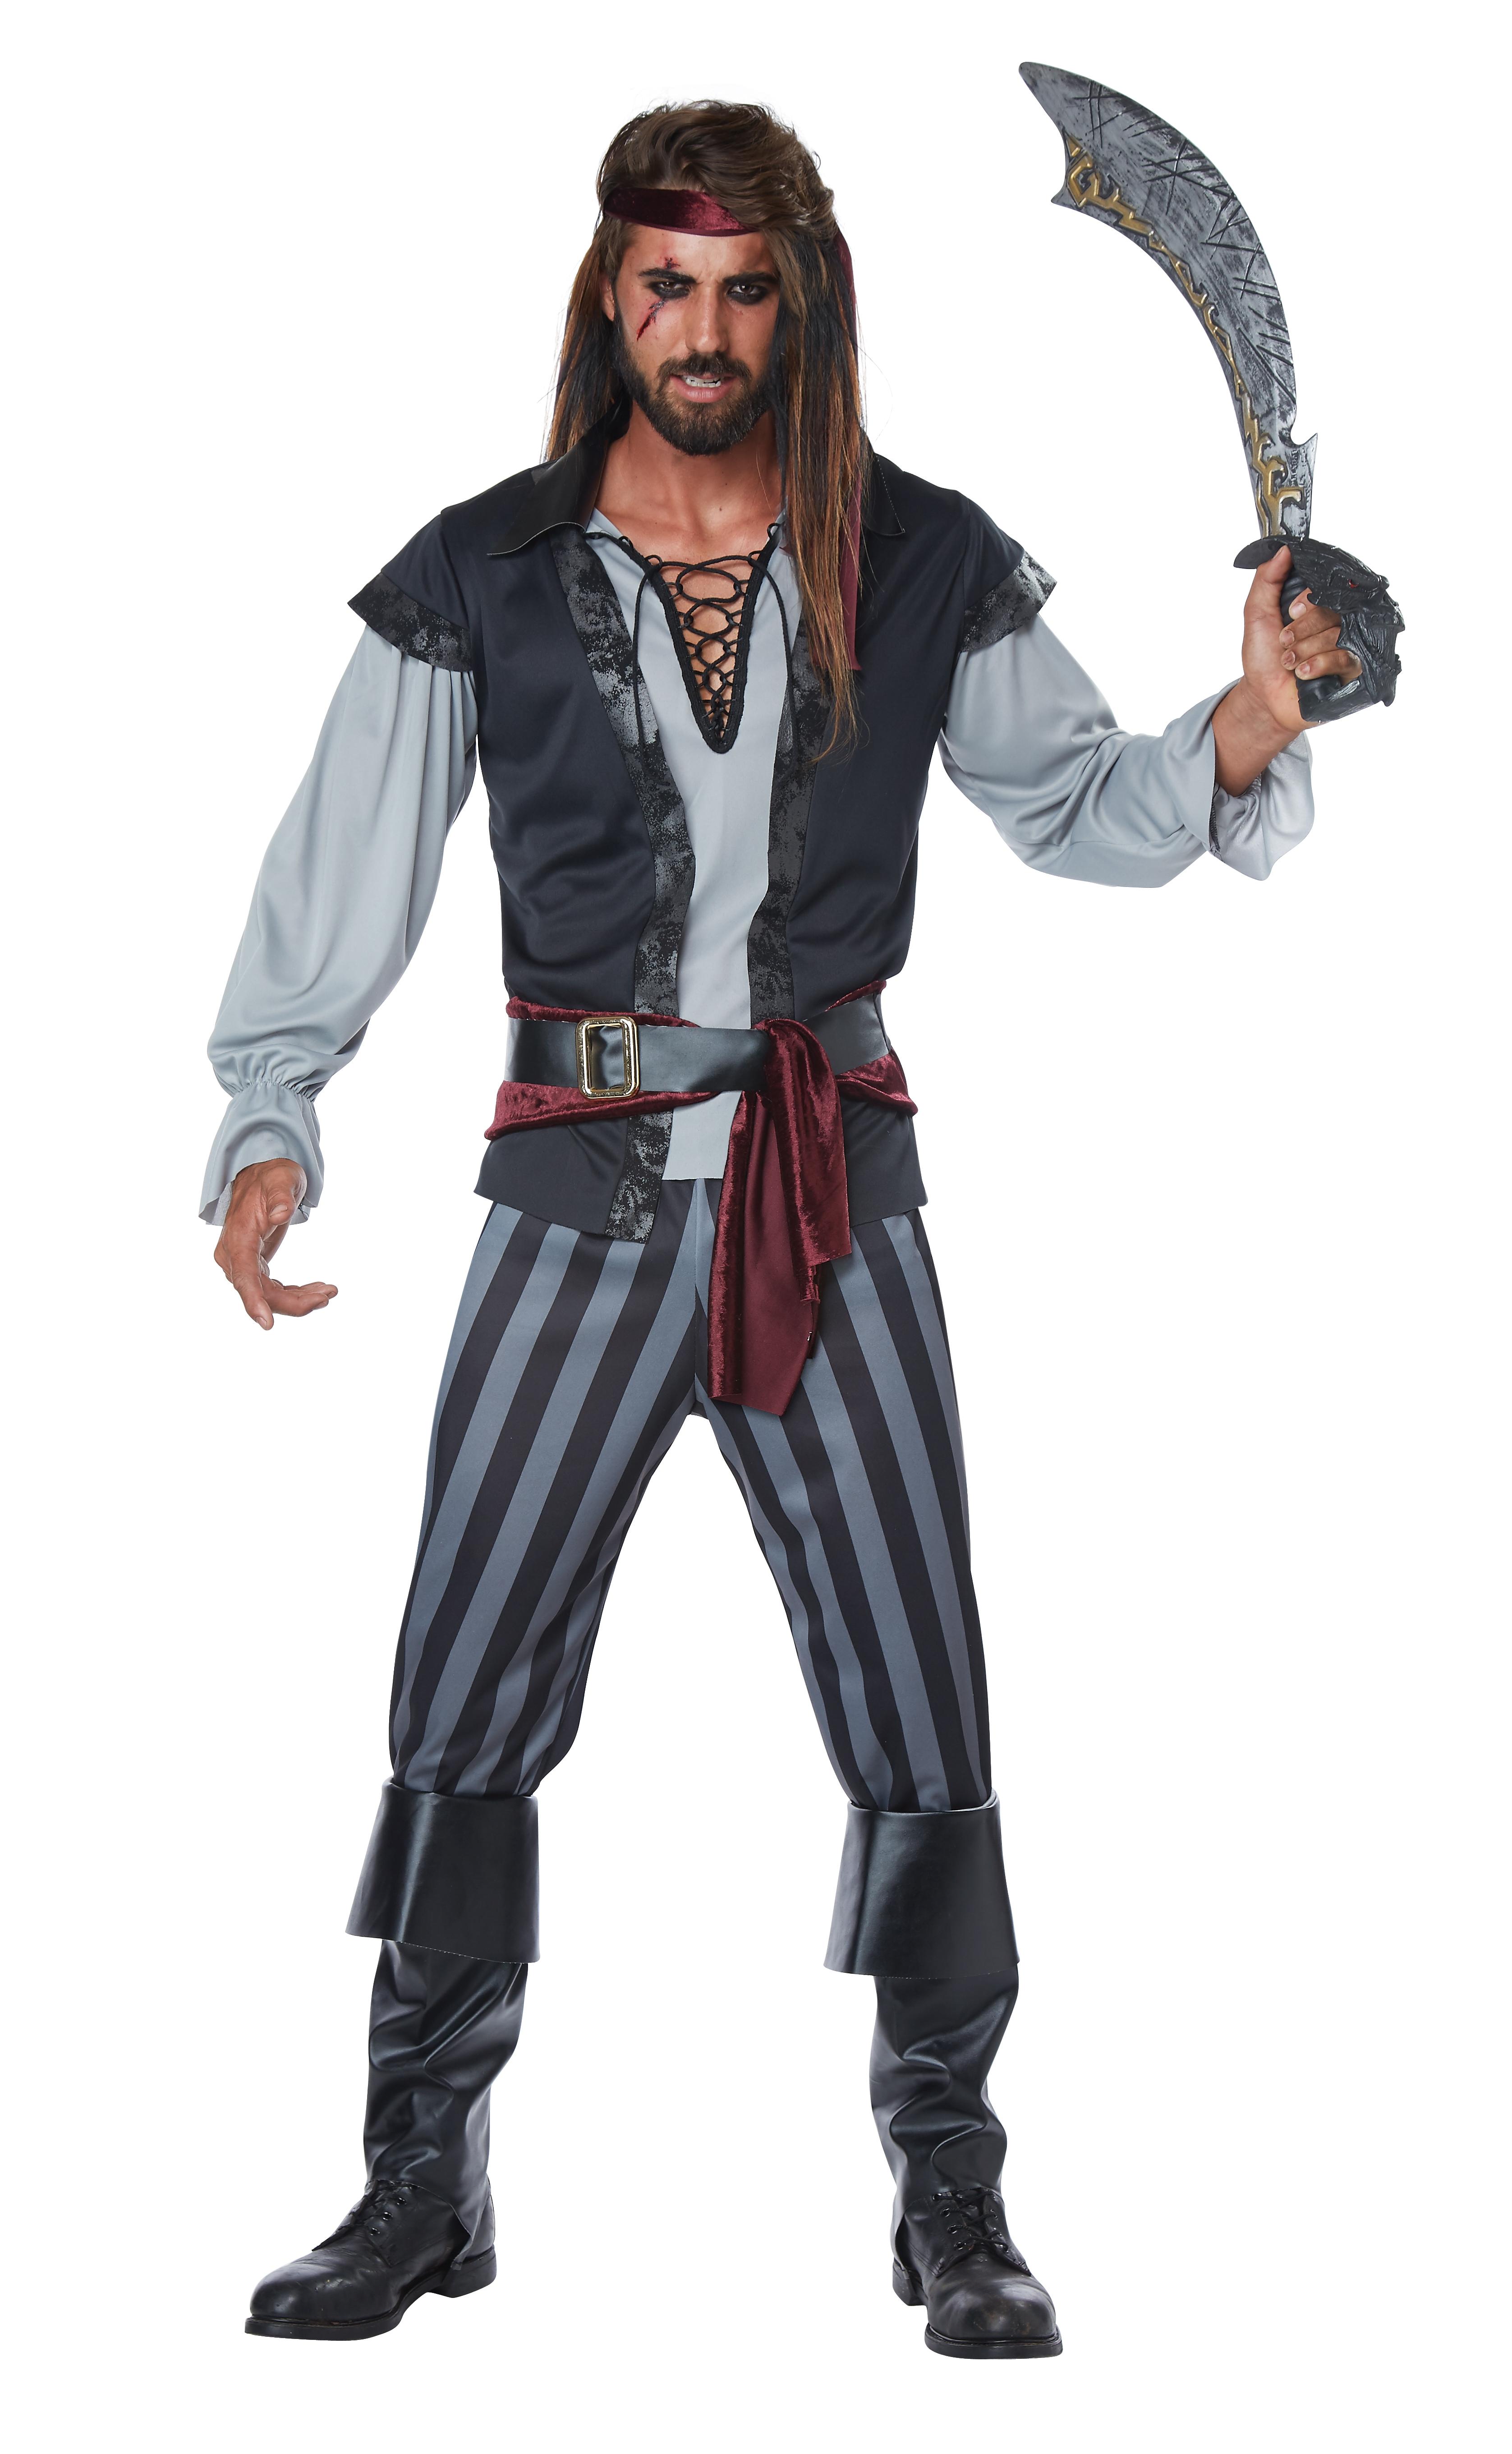 Костюм Жуткого Пирата (46-48) костюм радужной клоунессы 46 48